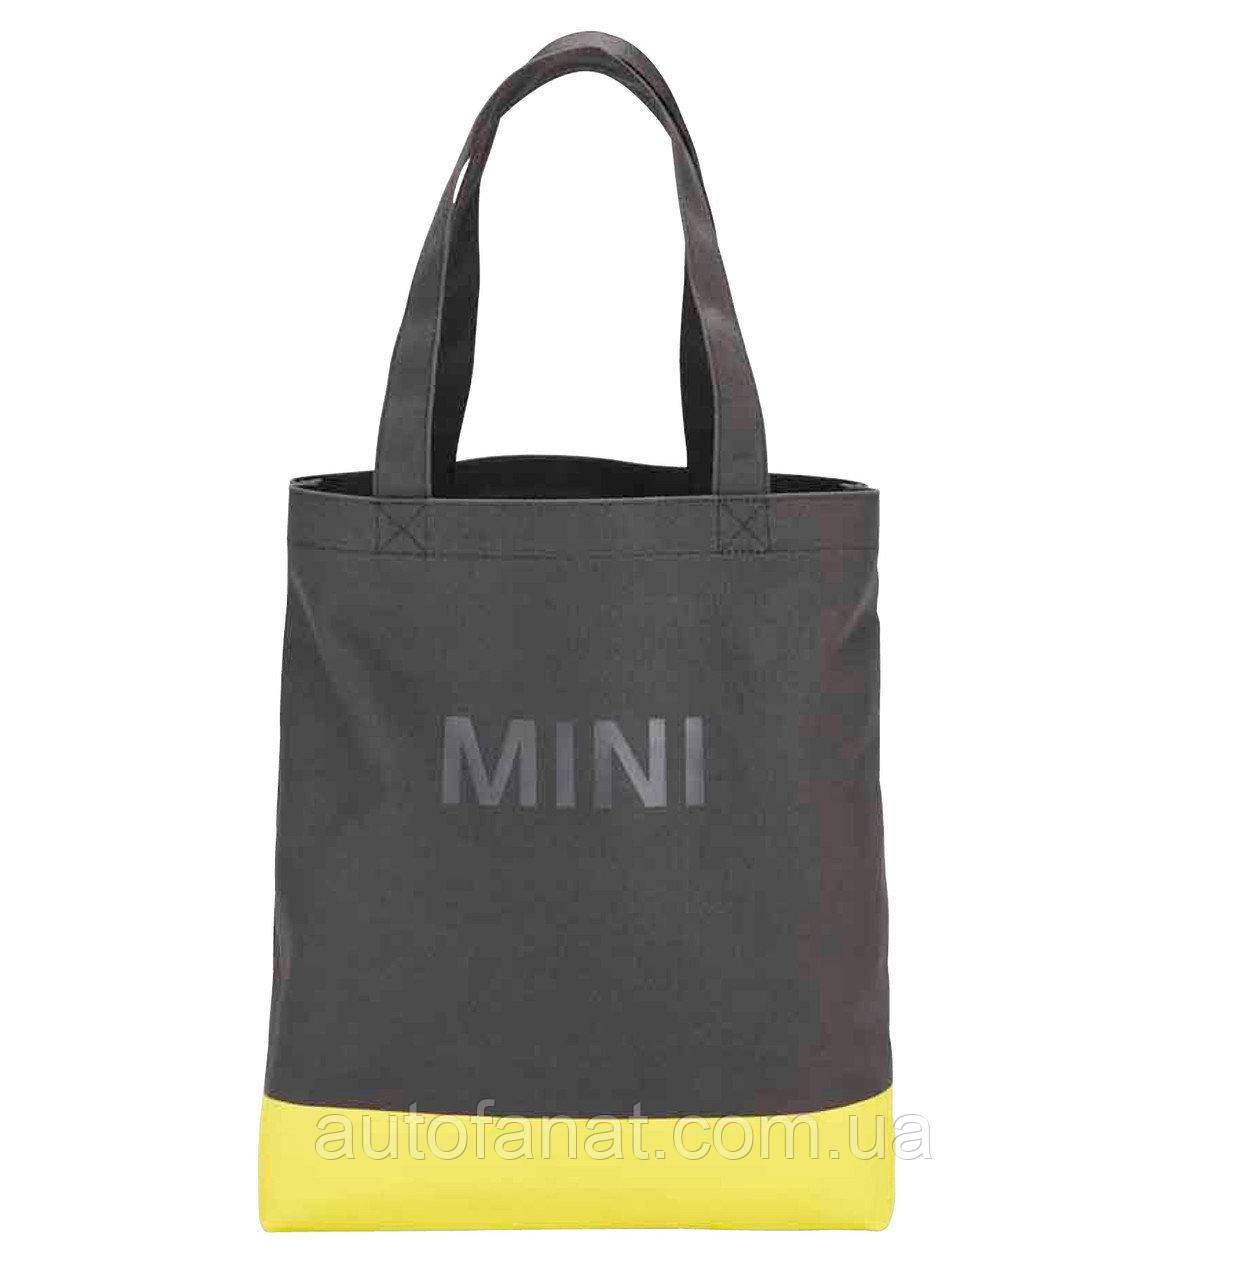 Оригинальная хозяйственная сумка-шоппер MINI Shopper Colour Block, Grey/Lemon (80222445669)